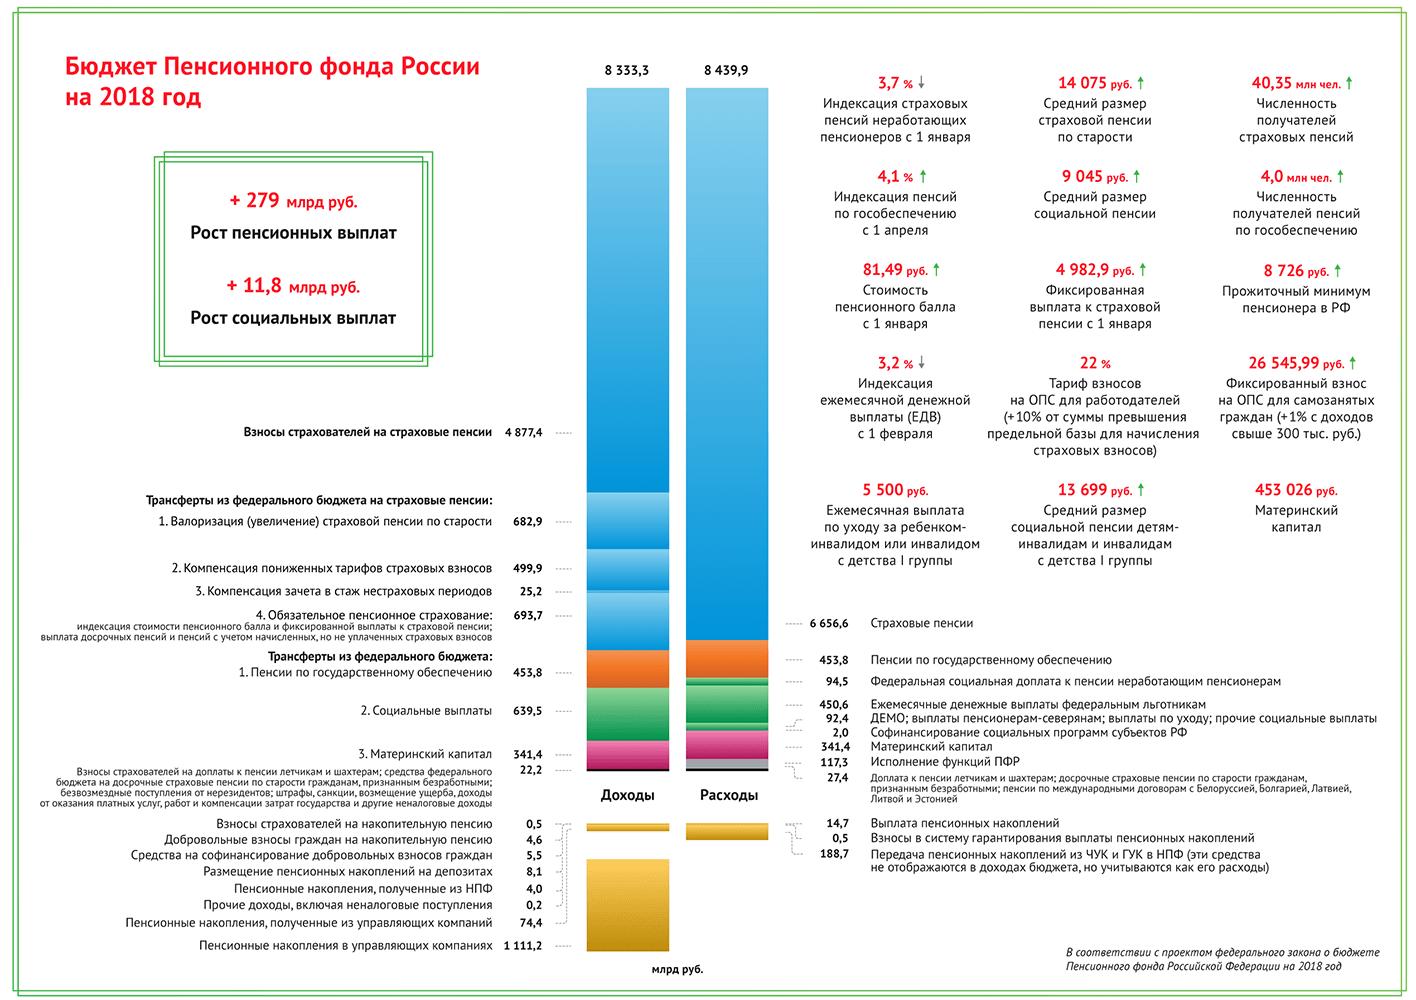 Бюджет Пенсионного фонда России на 2018 год (Повышение пенсий с января и апреля)